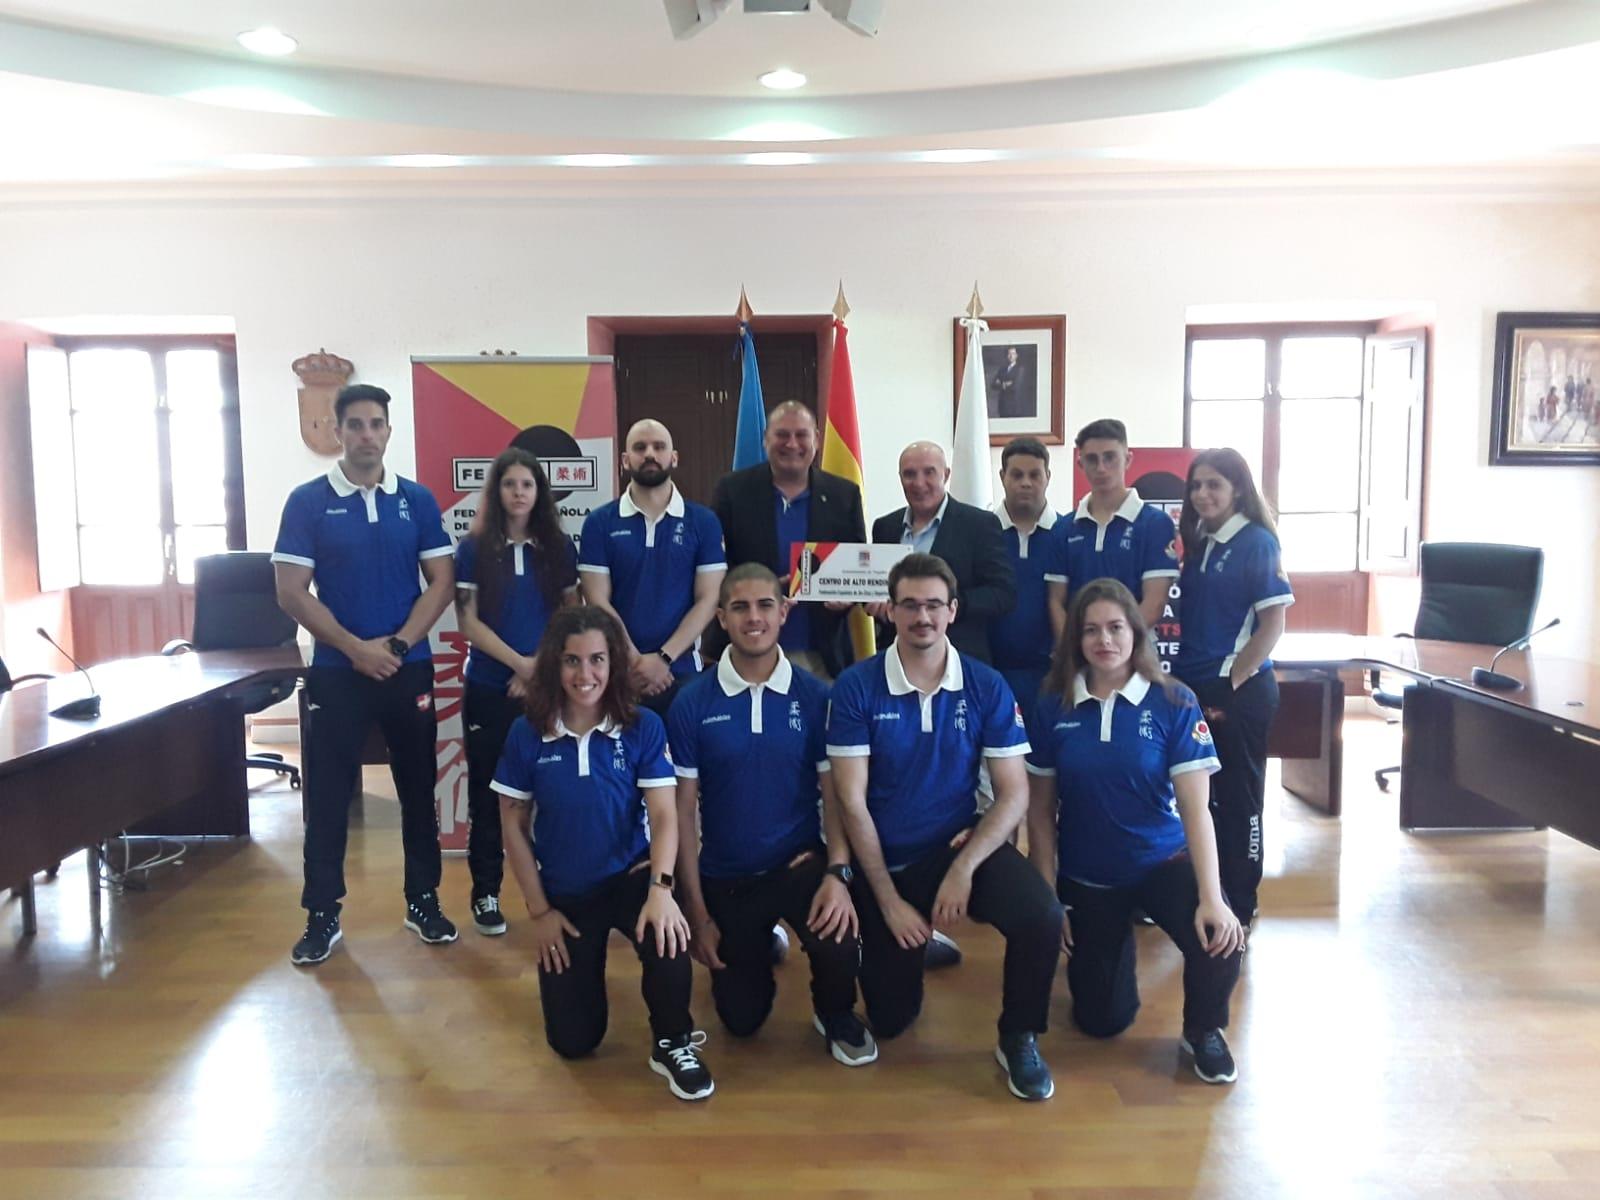 Concentración de la Selección Española de Jiu-Jitsu en Vegadeo